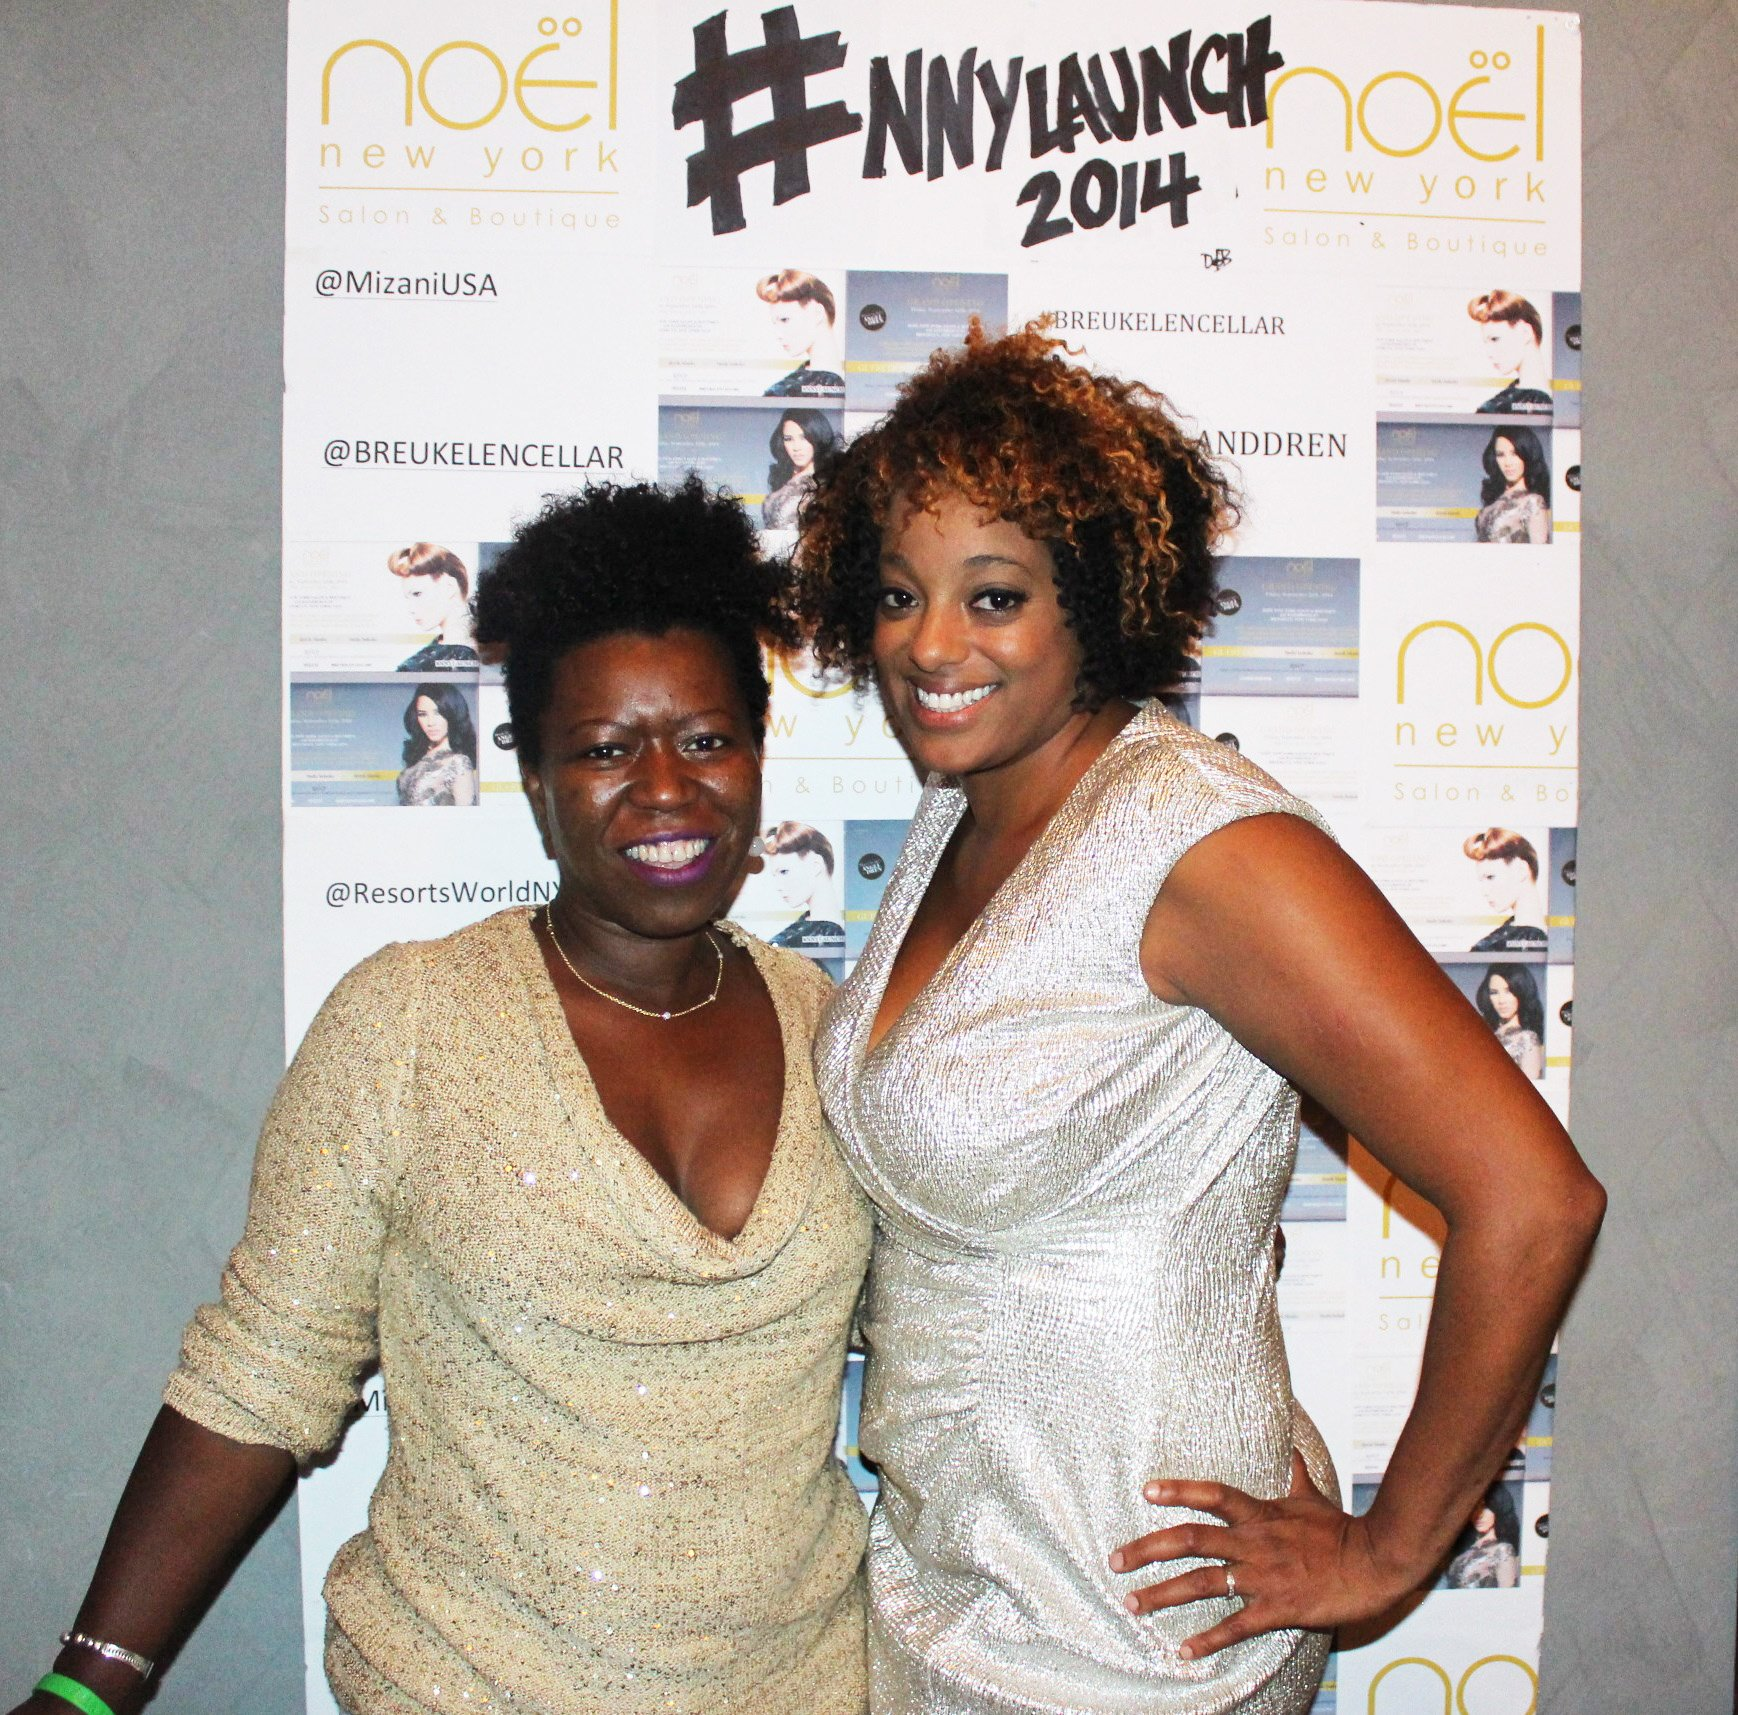 Noël New York Salon & Boutique Launch Party